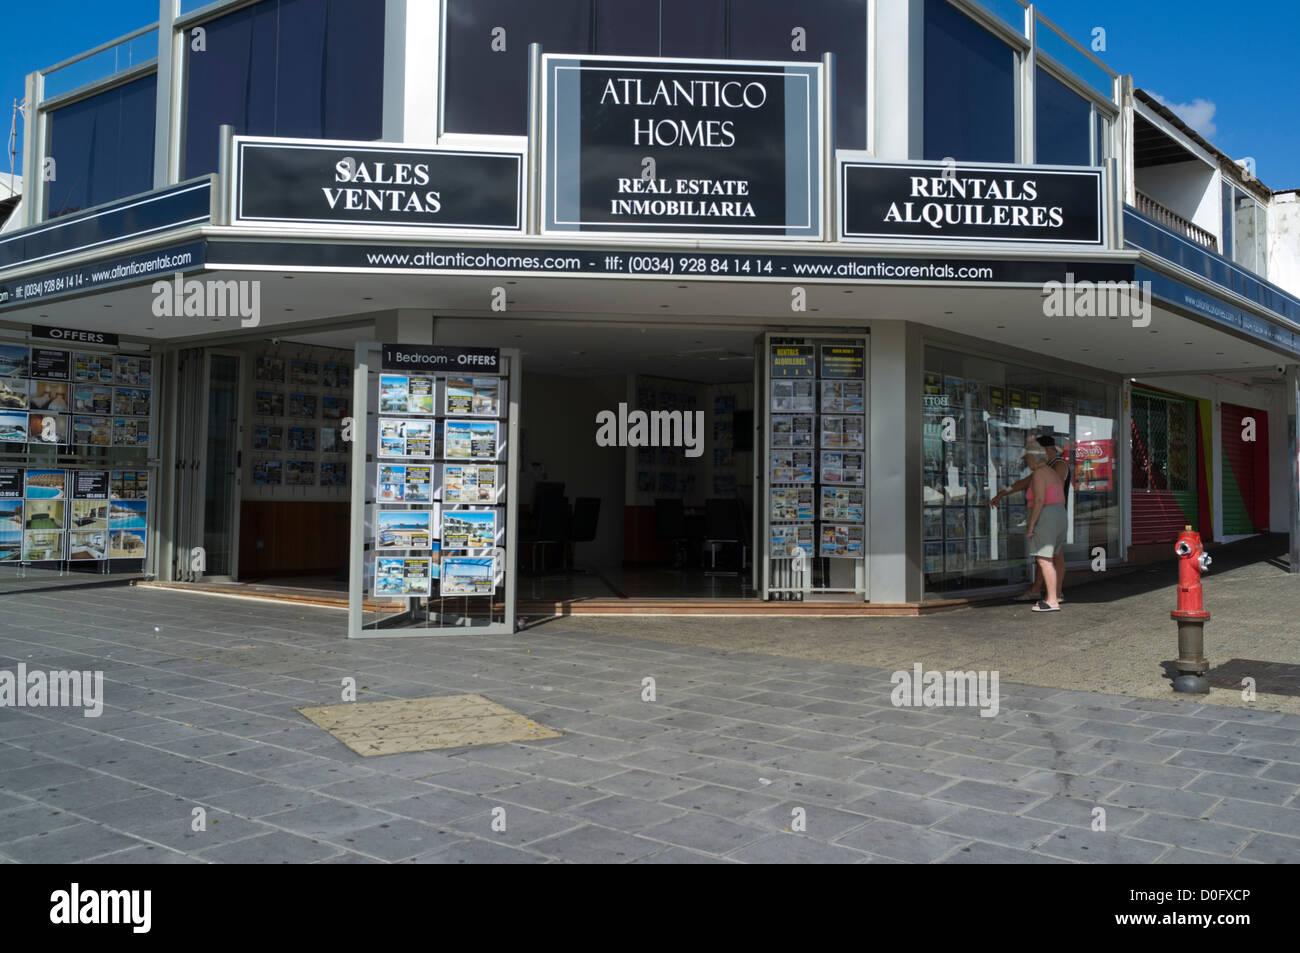 Lanzarote puerto del carmen shops im genes de stock lanzarote puerto del carmen shops fotos de - Alquiler coche lanzarote puerto del carmen ...